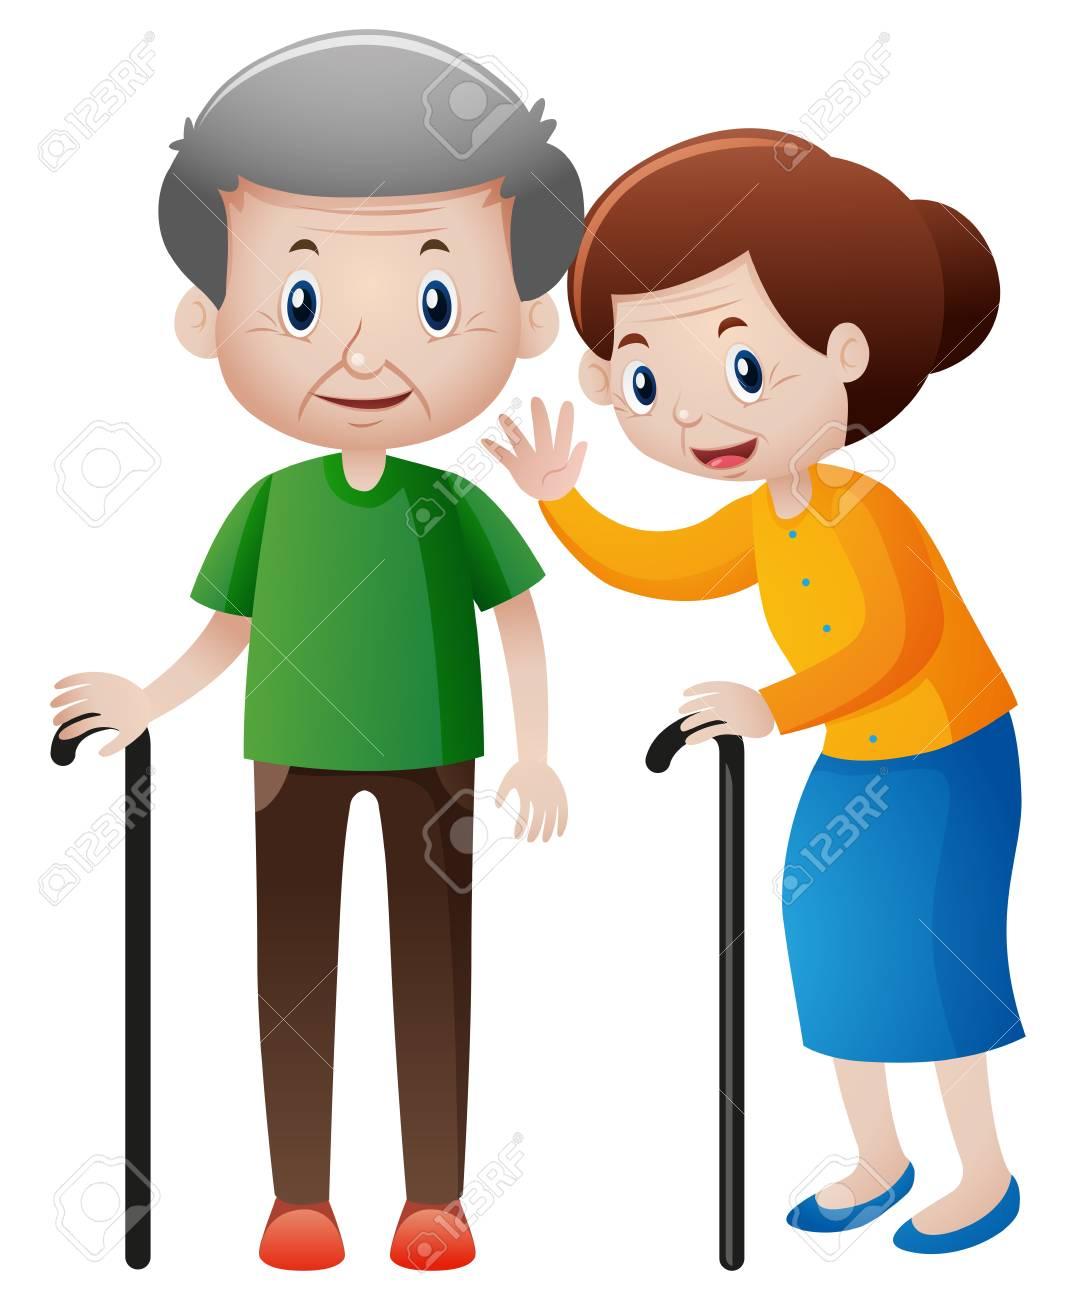 おじいさんとおばあさんの杖イラストのイラスト素材 ベクタ Image